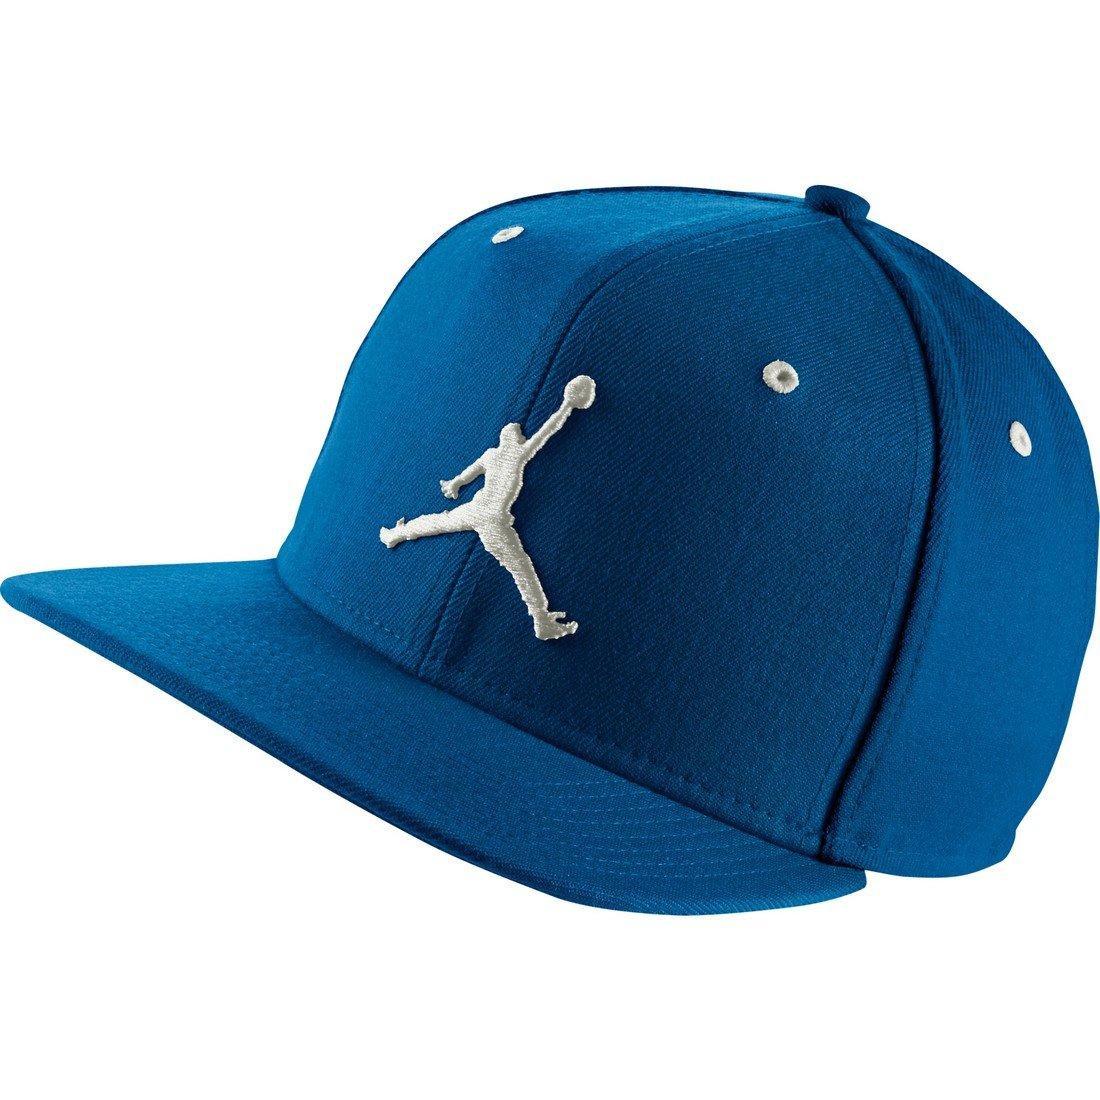 Acquista cappelli jordan a poco prezzo - OFF66% sconti 5edb784a51f0